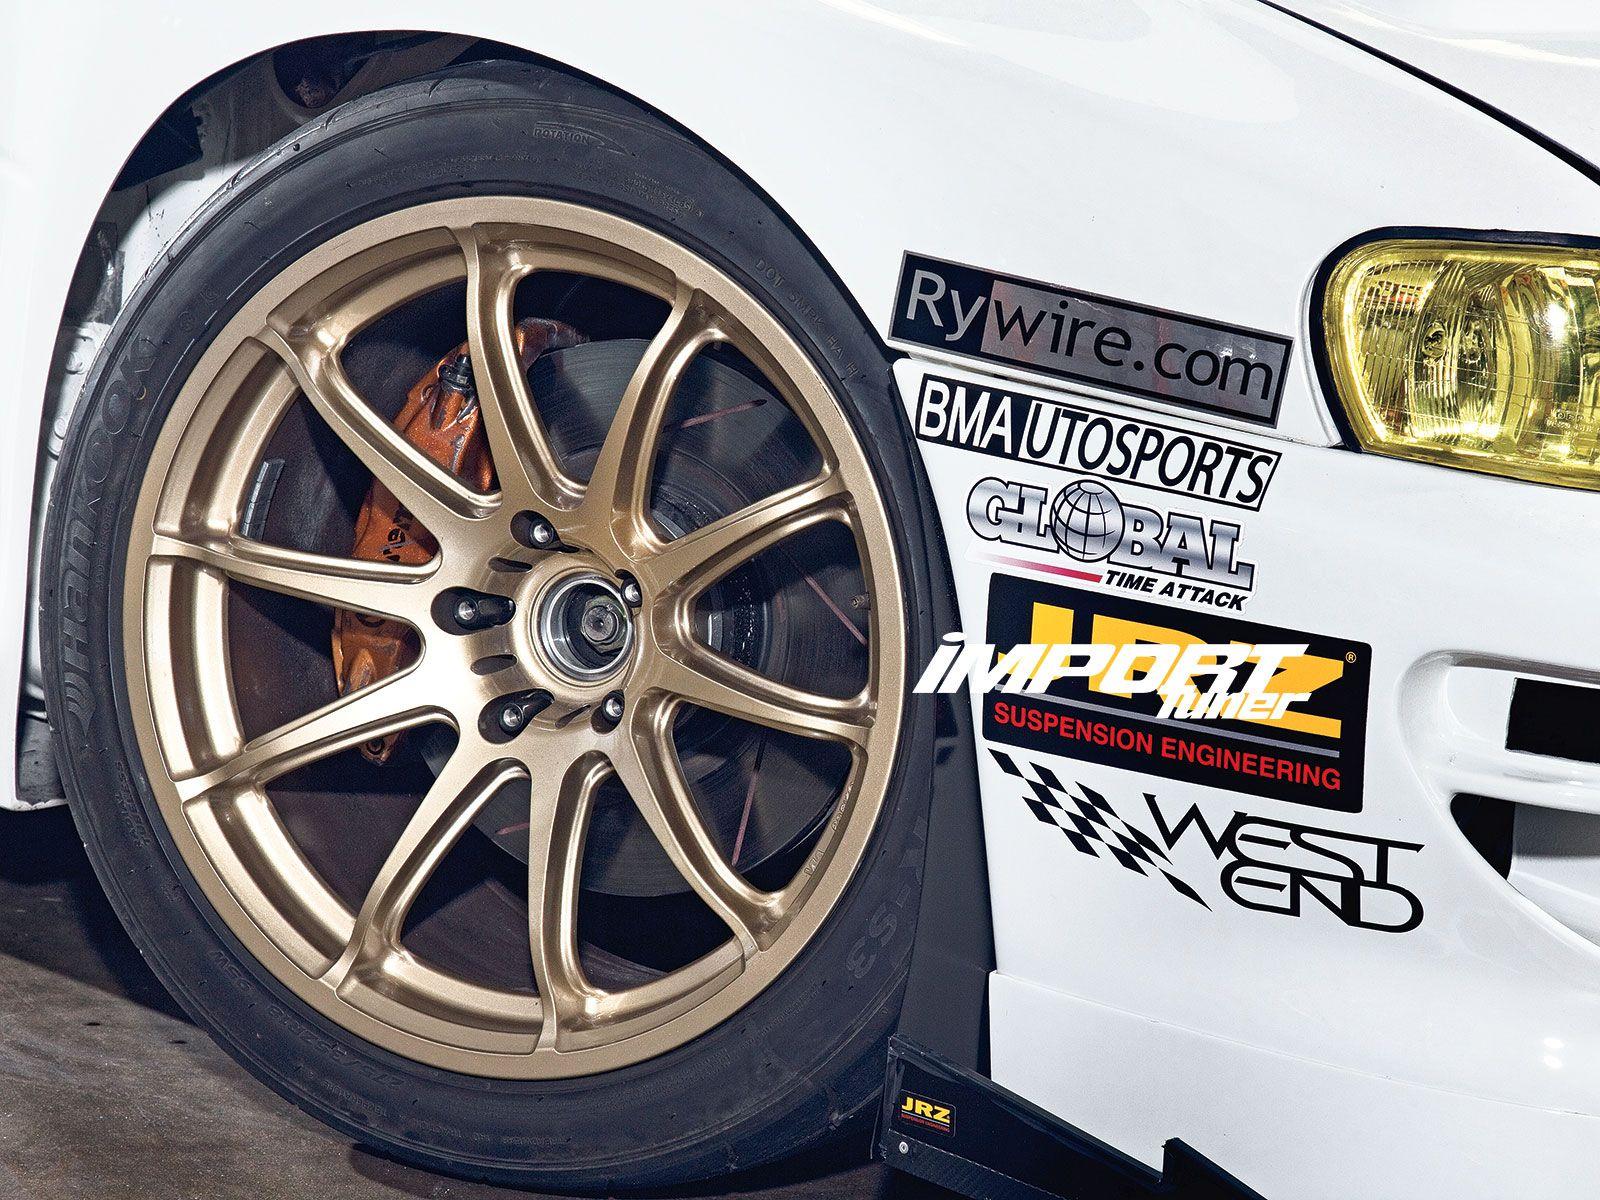 Subaru WRX with Brembo brakes